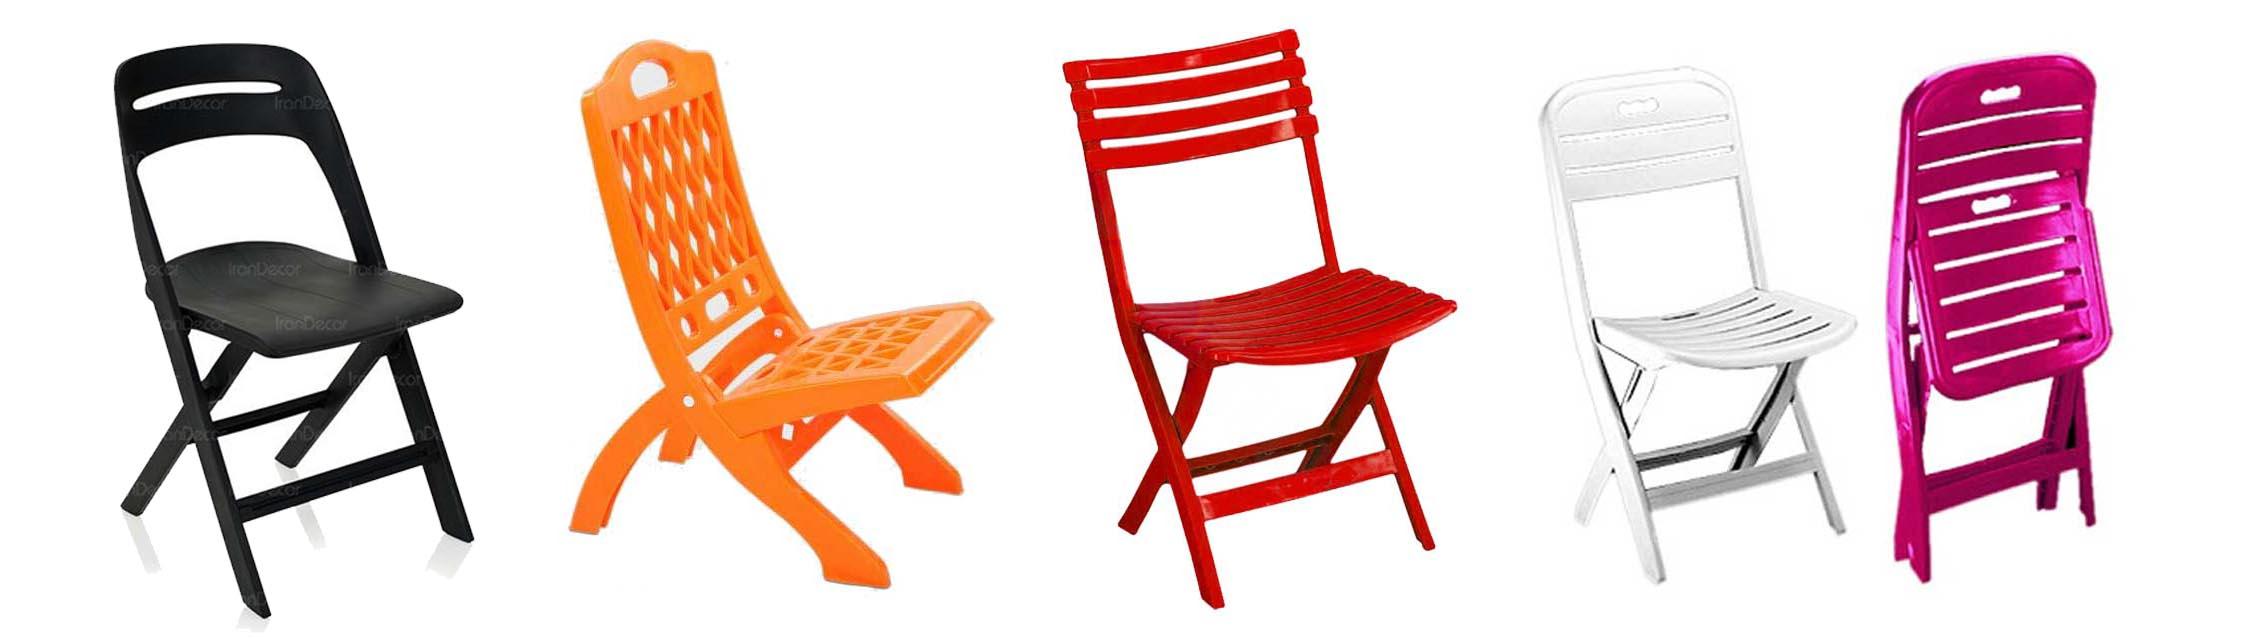 صندلی تاشو پلاستیکی - صندلی پلاستیکی تاشو - صندلی تاشو - صندلی کودک تاشو - صندلی تاشو نوجوان